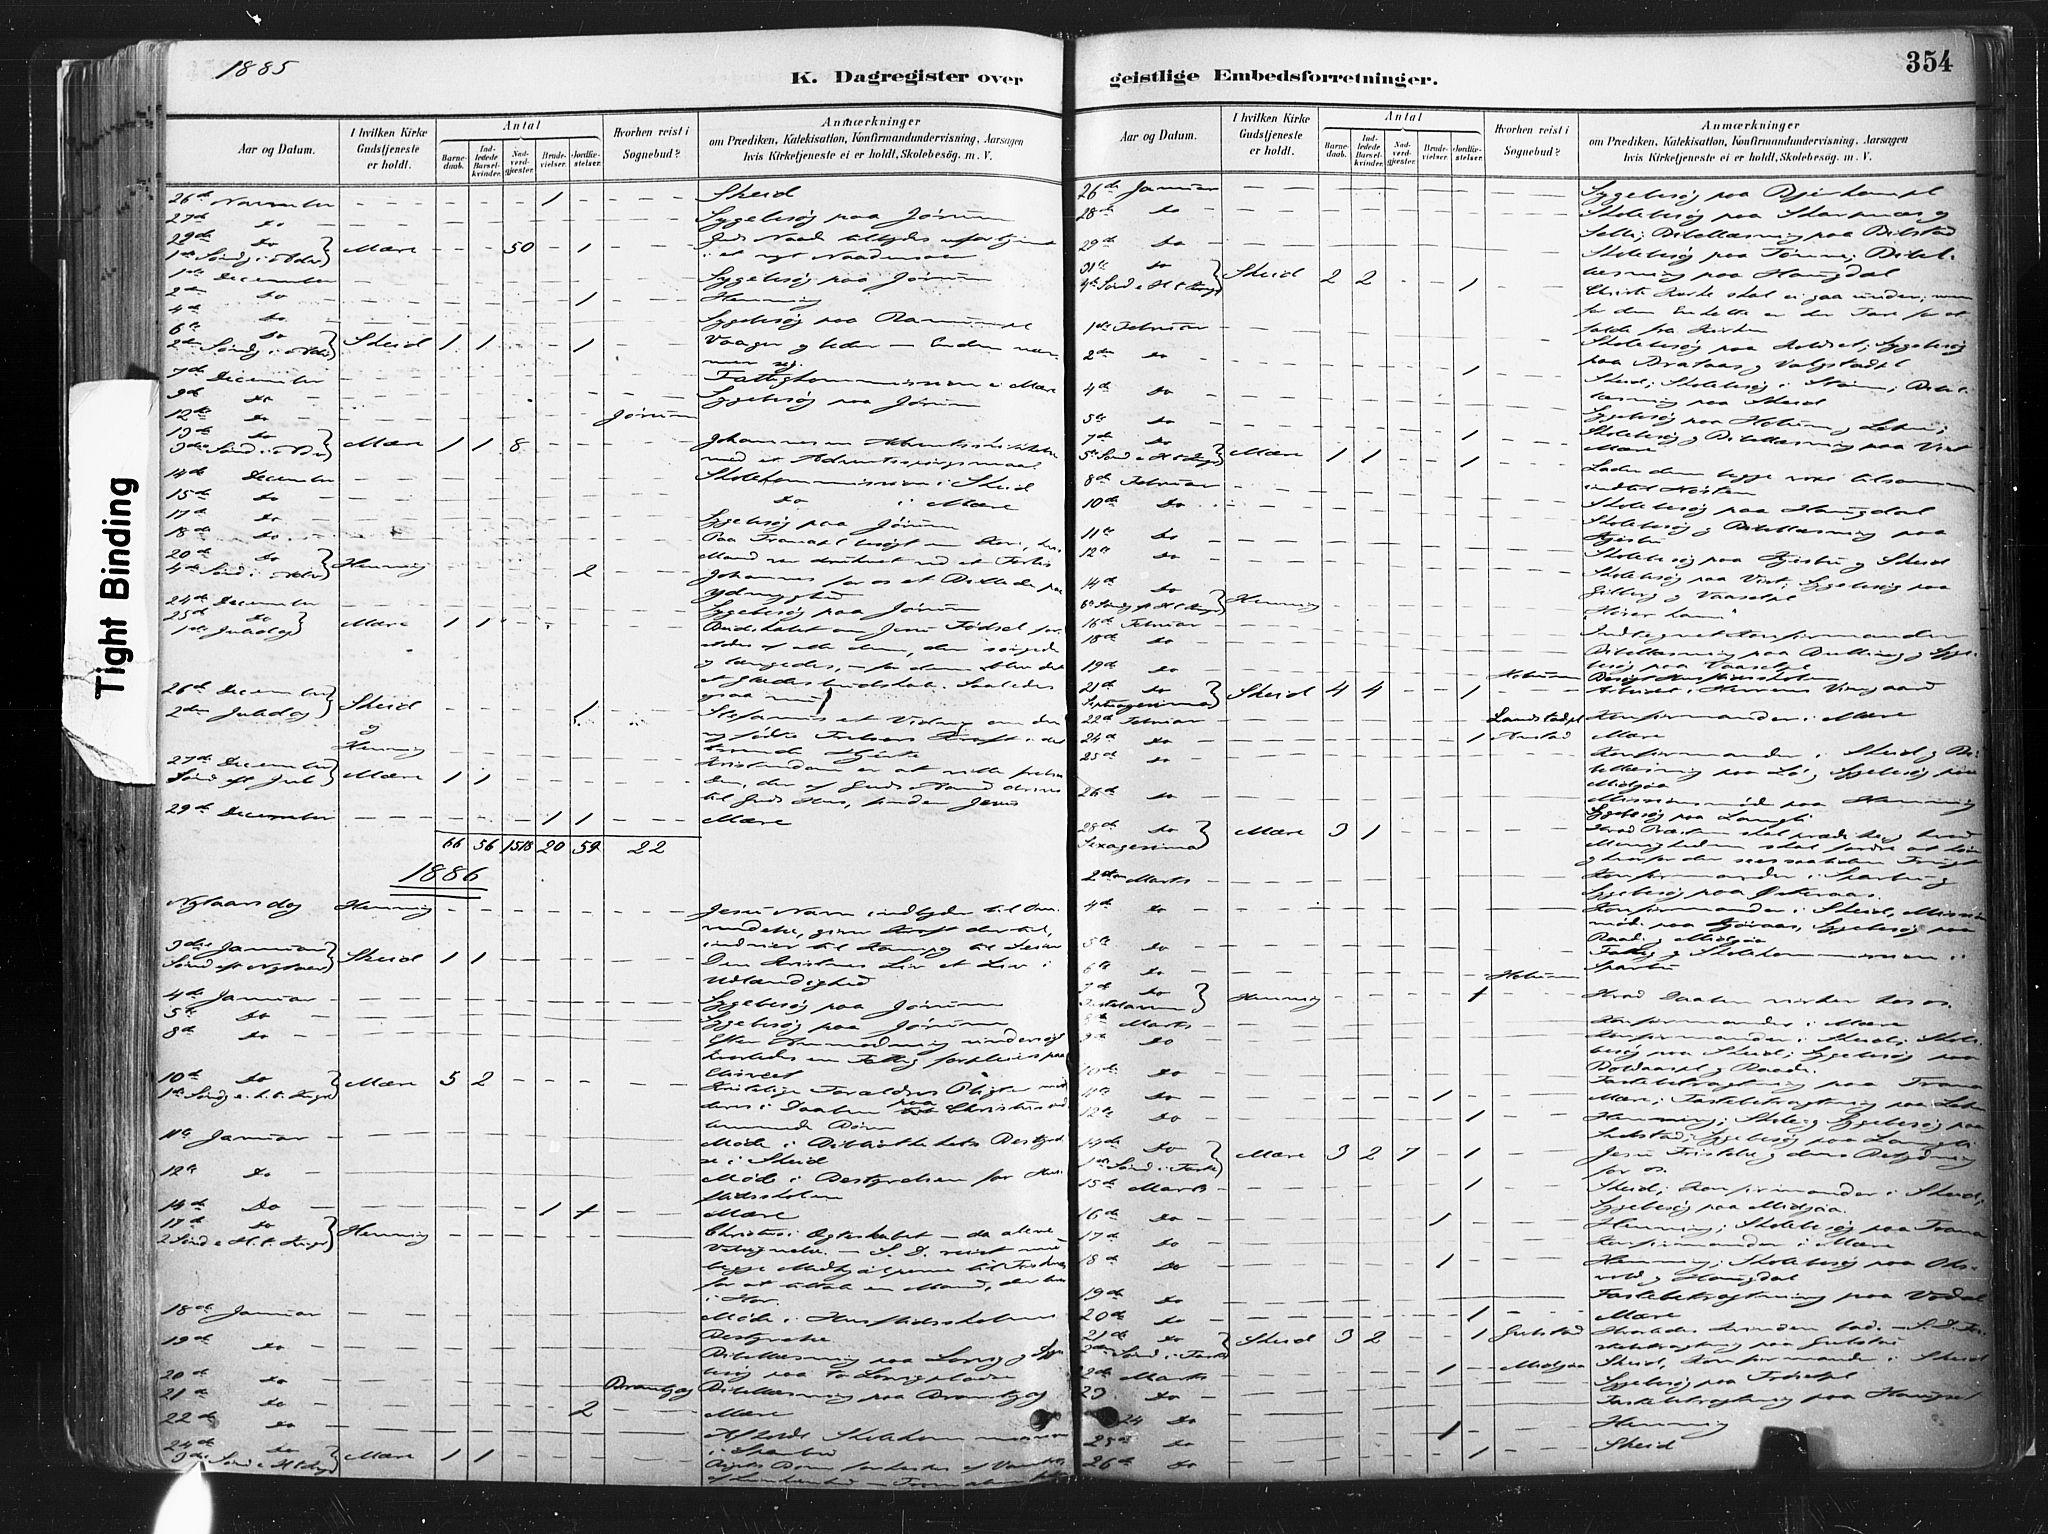 SAT, Ministerialprotokoller, klokkerbøker og fødselsregistre - Nord-Trøndelag, 735/L0351: Ministerialbok nr. 735A10, 1884-1908, s. 354